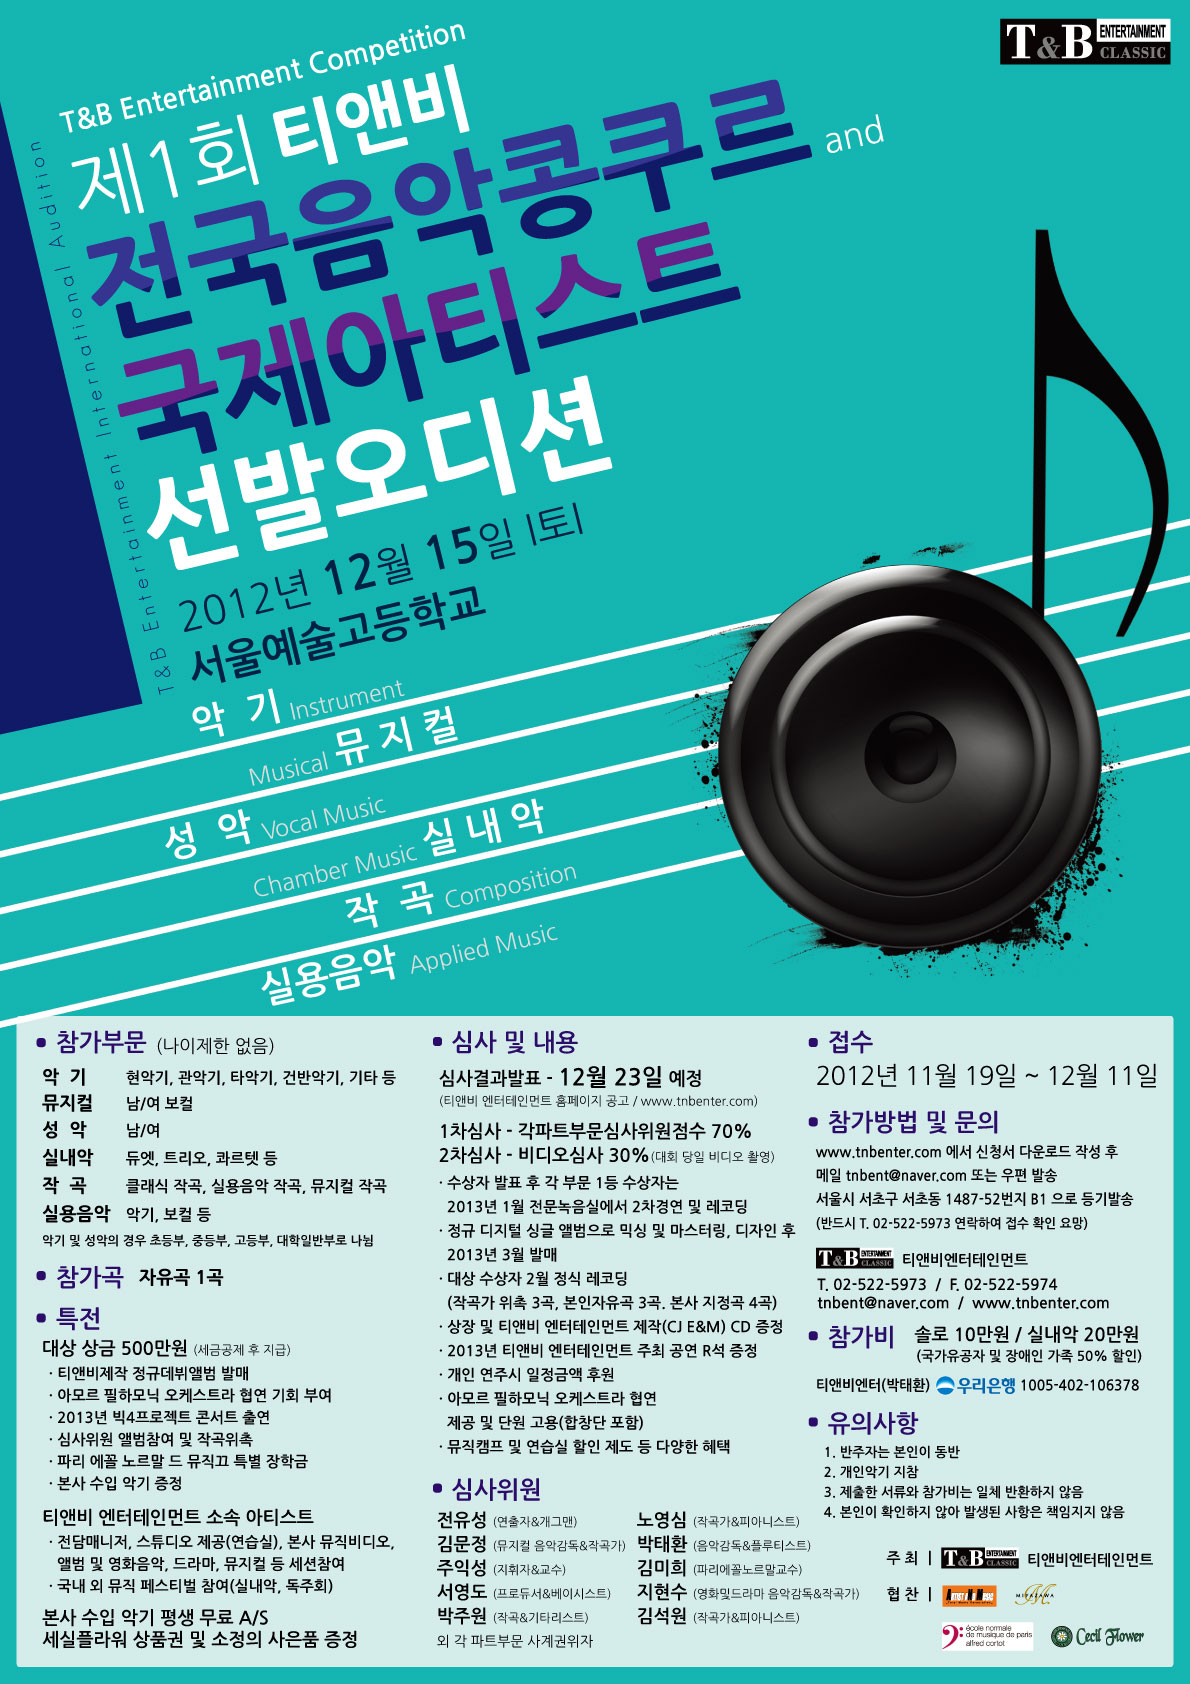 12.15 제1회 전국음악콩쿠르&국제아티스트선발오디션.jpg